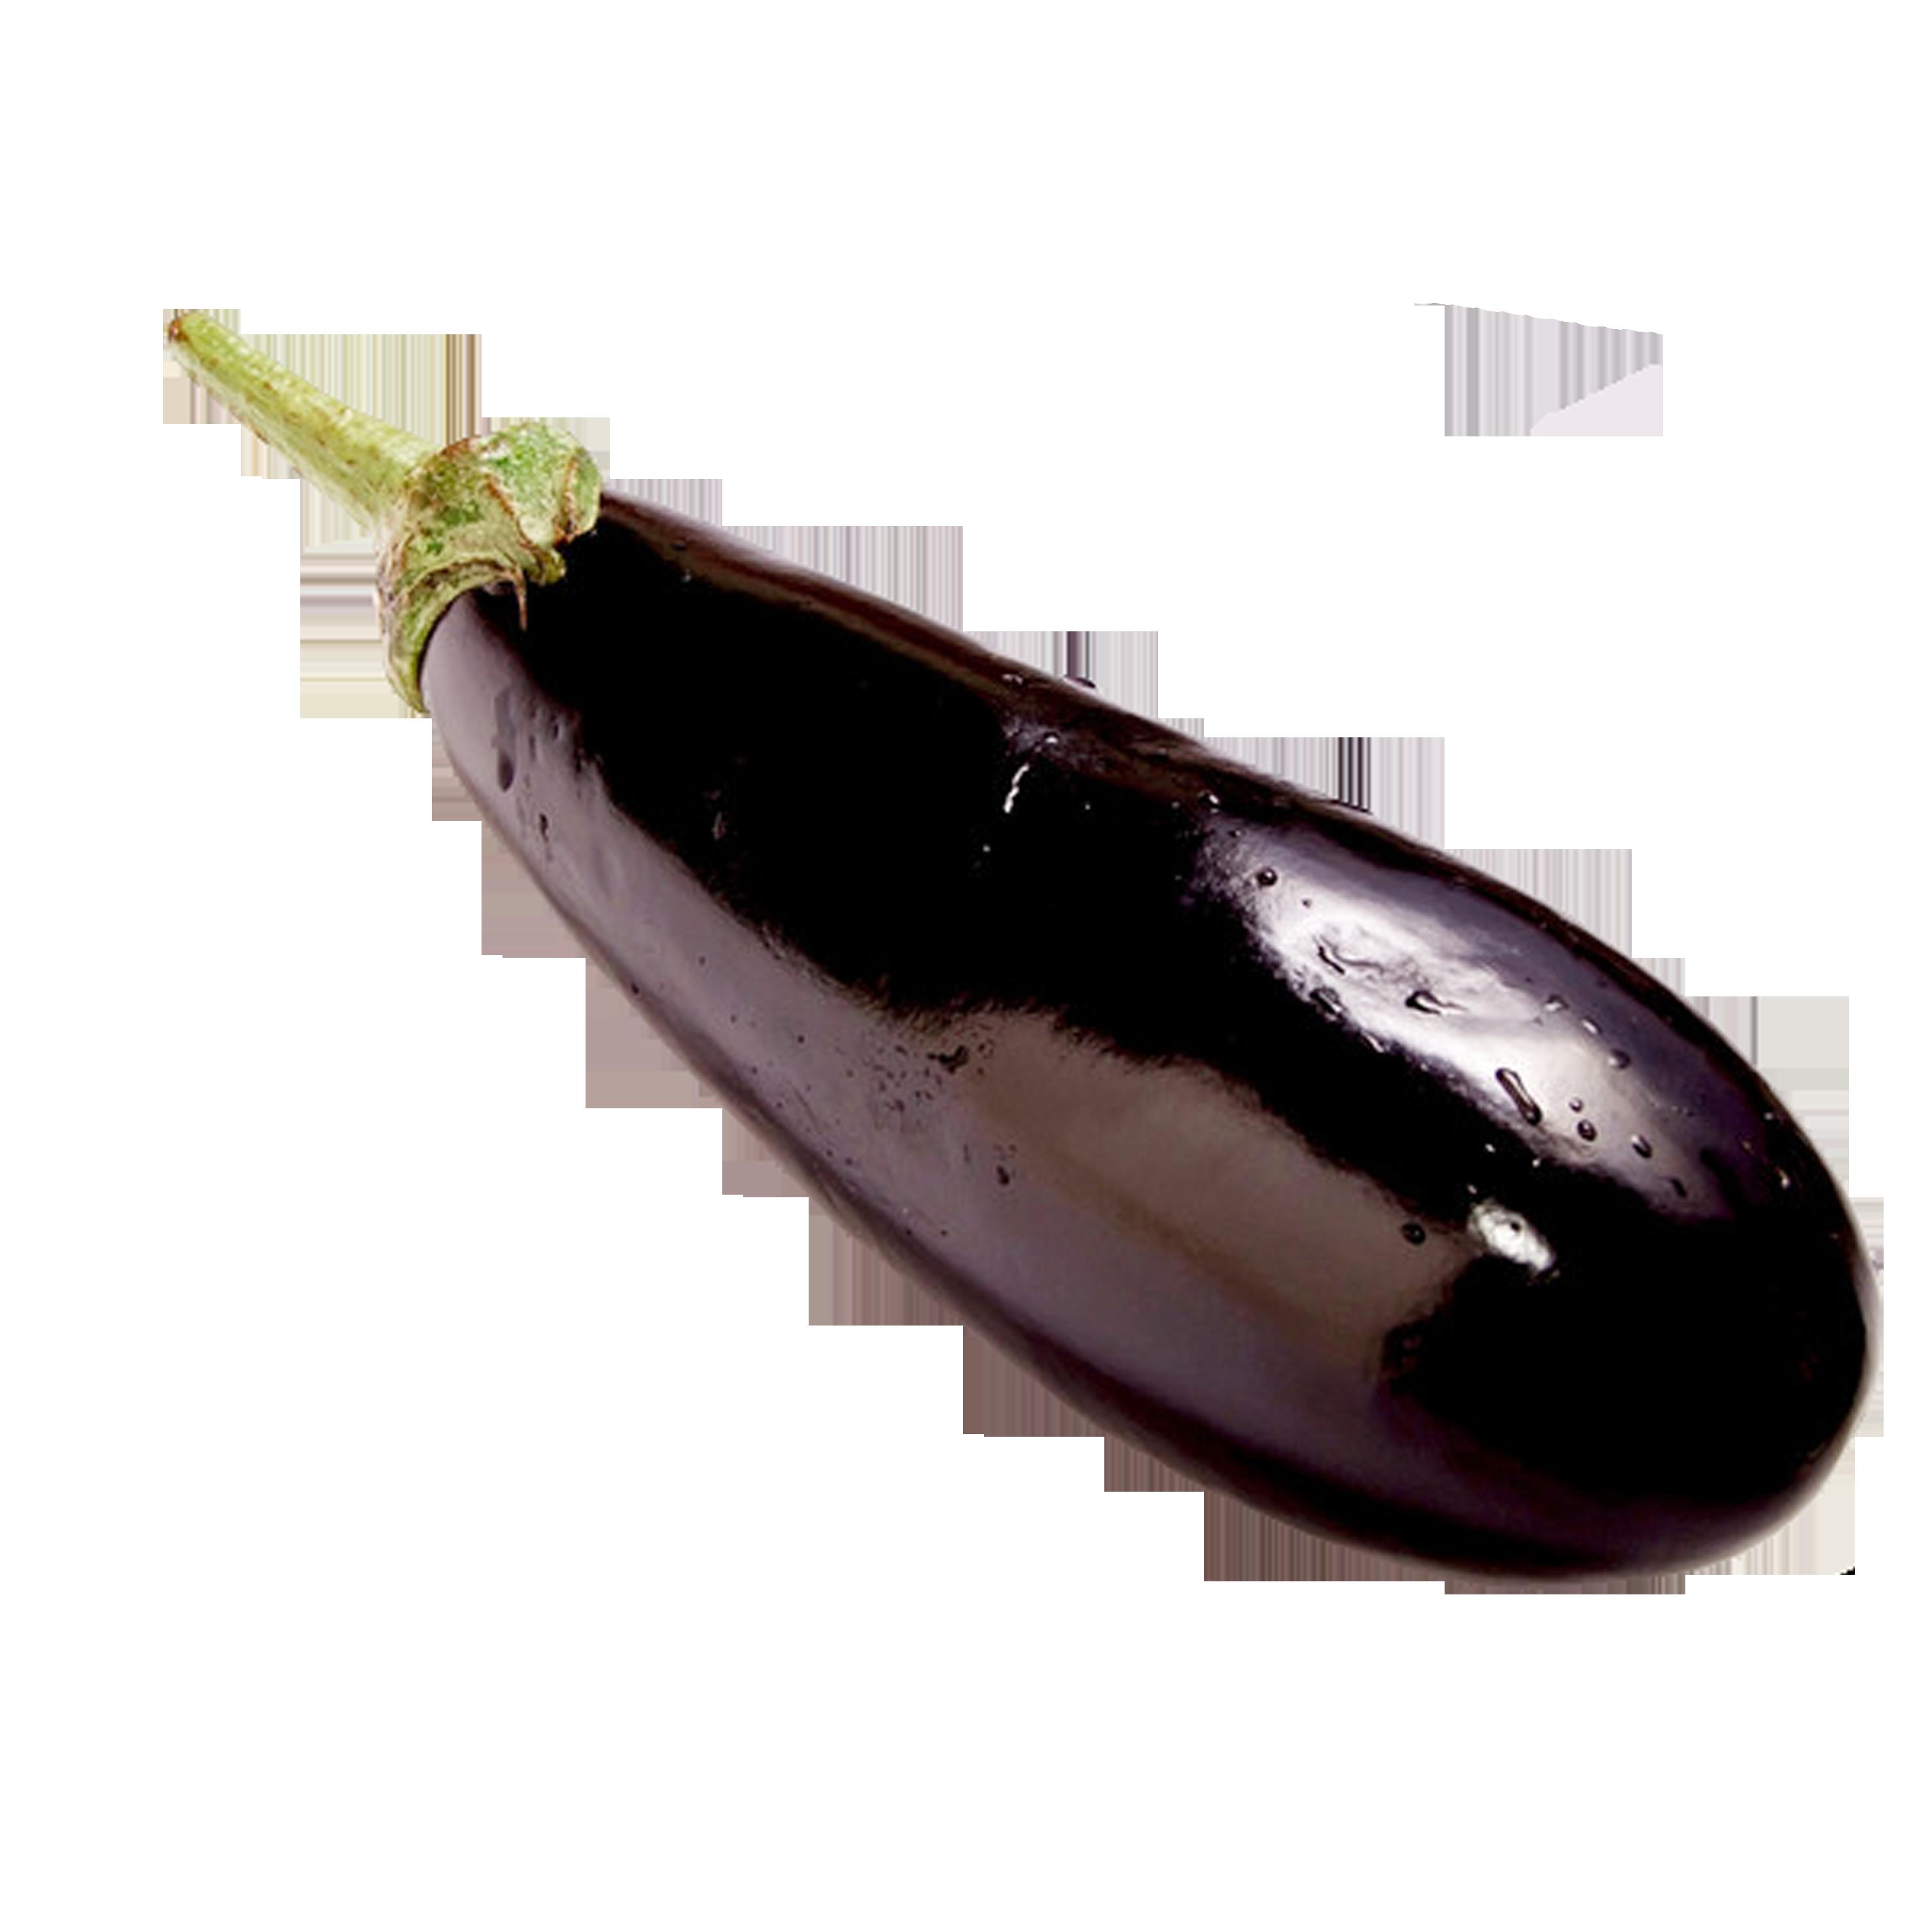 阴茎弯曲4之阴茎硬结症